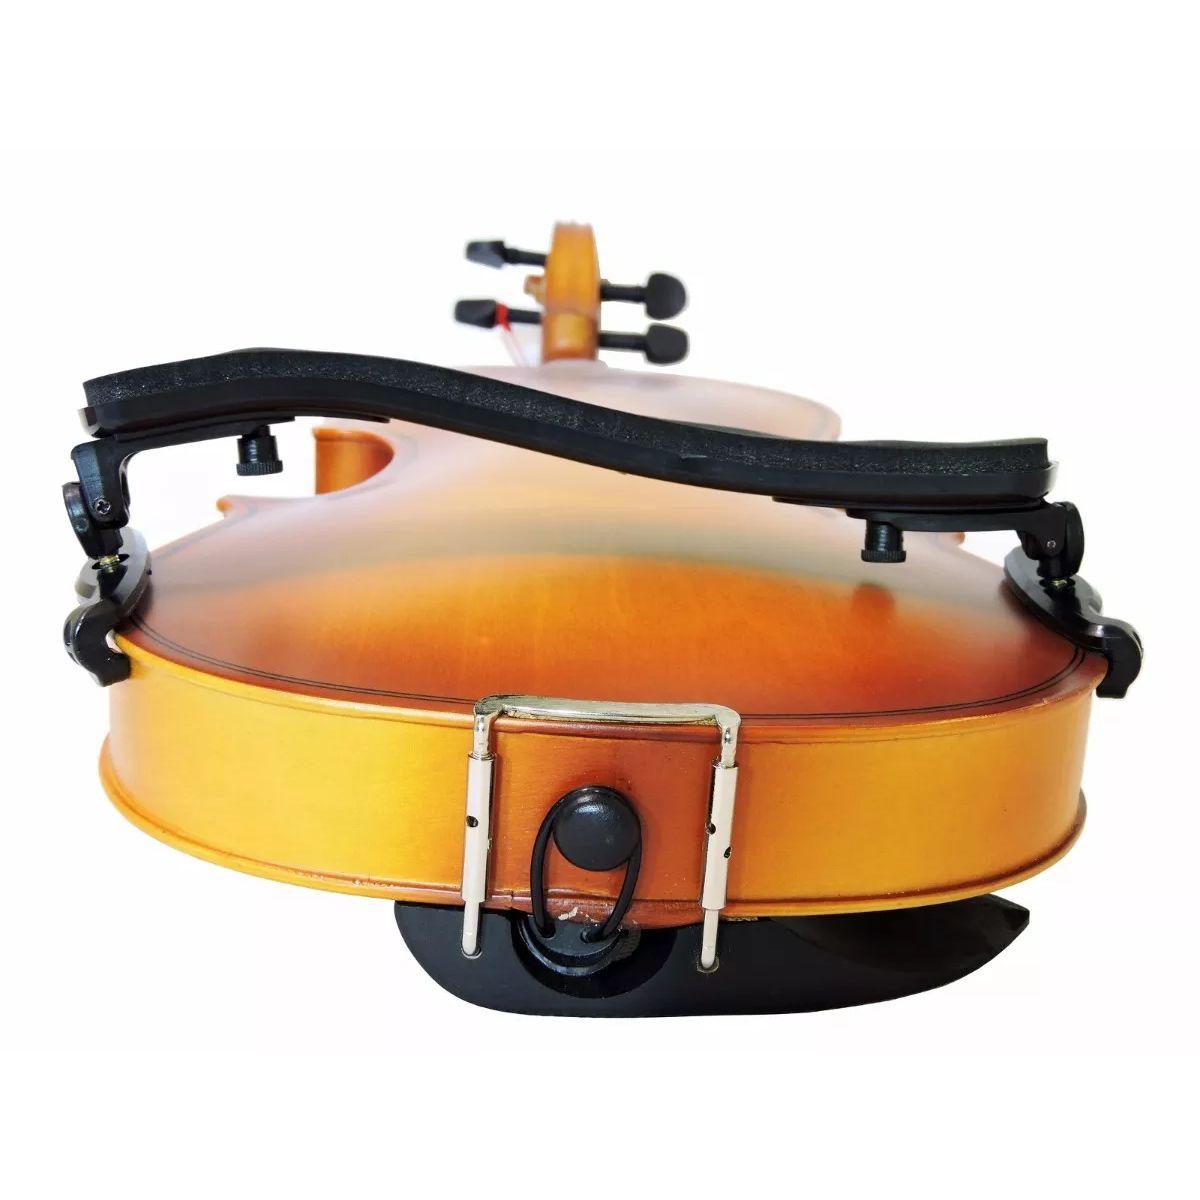 Espaleira MARINOS Violino Regulável ABS 3/4 4/4